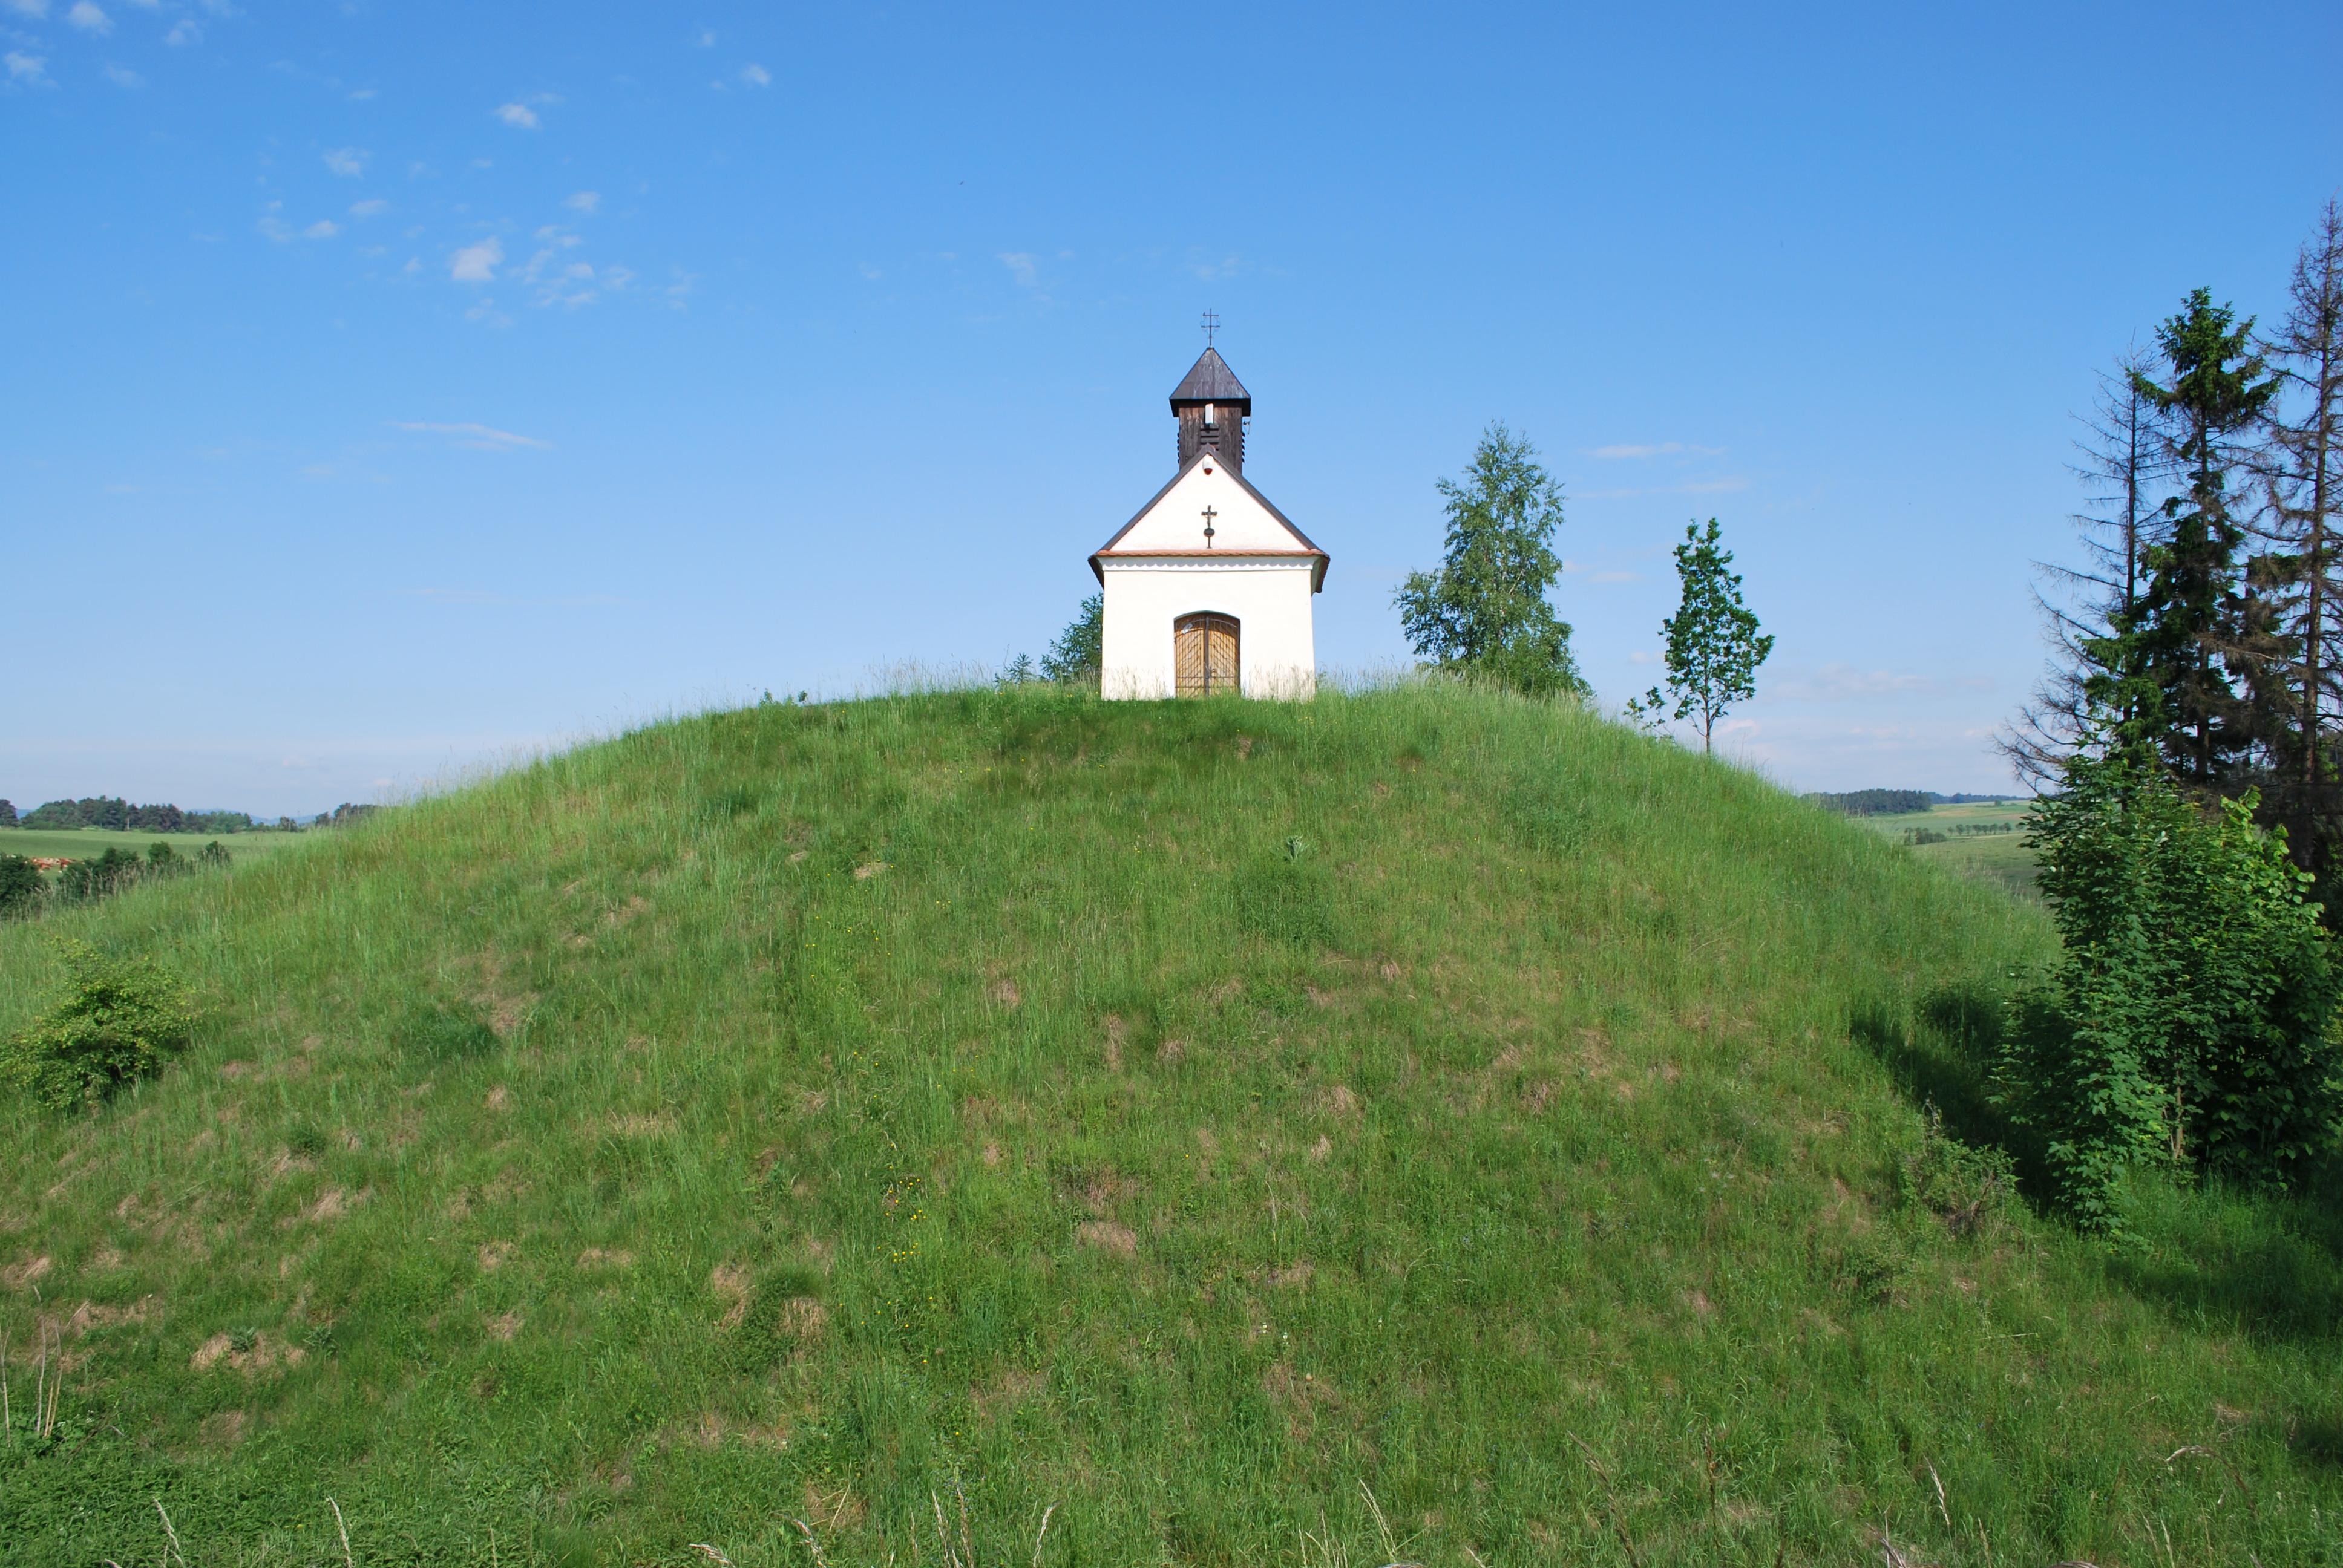 Kaple svatého Antonína na místě tehdejšího hradiště